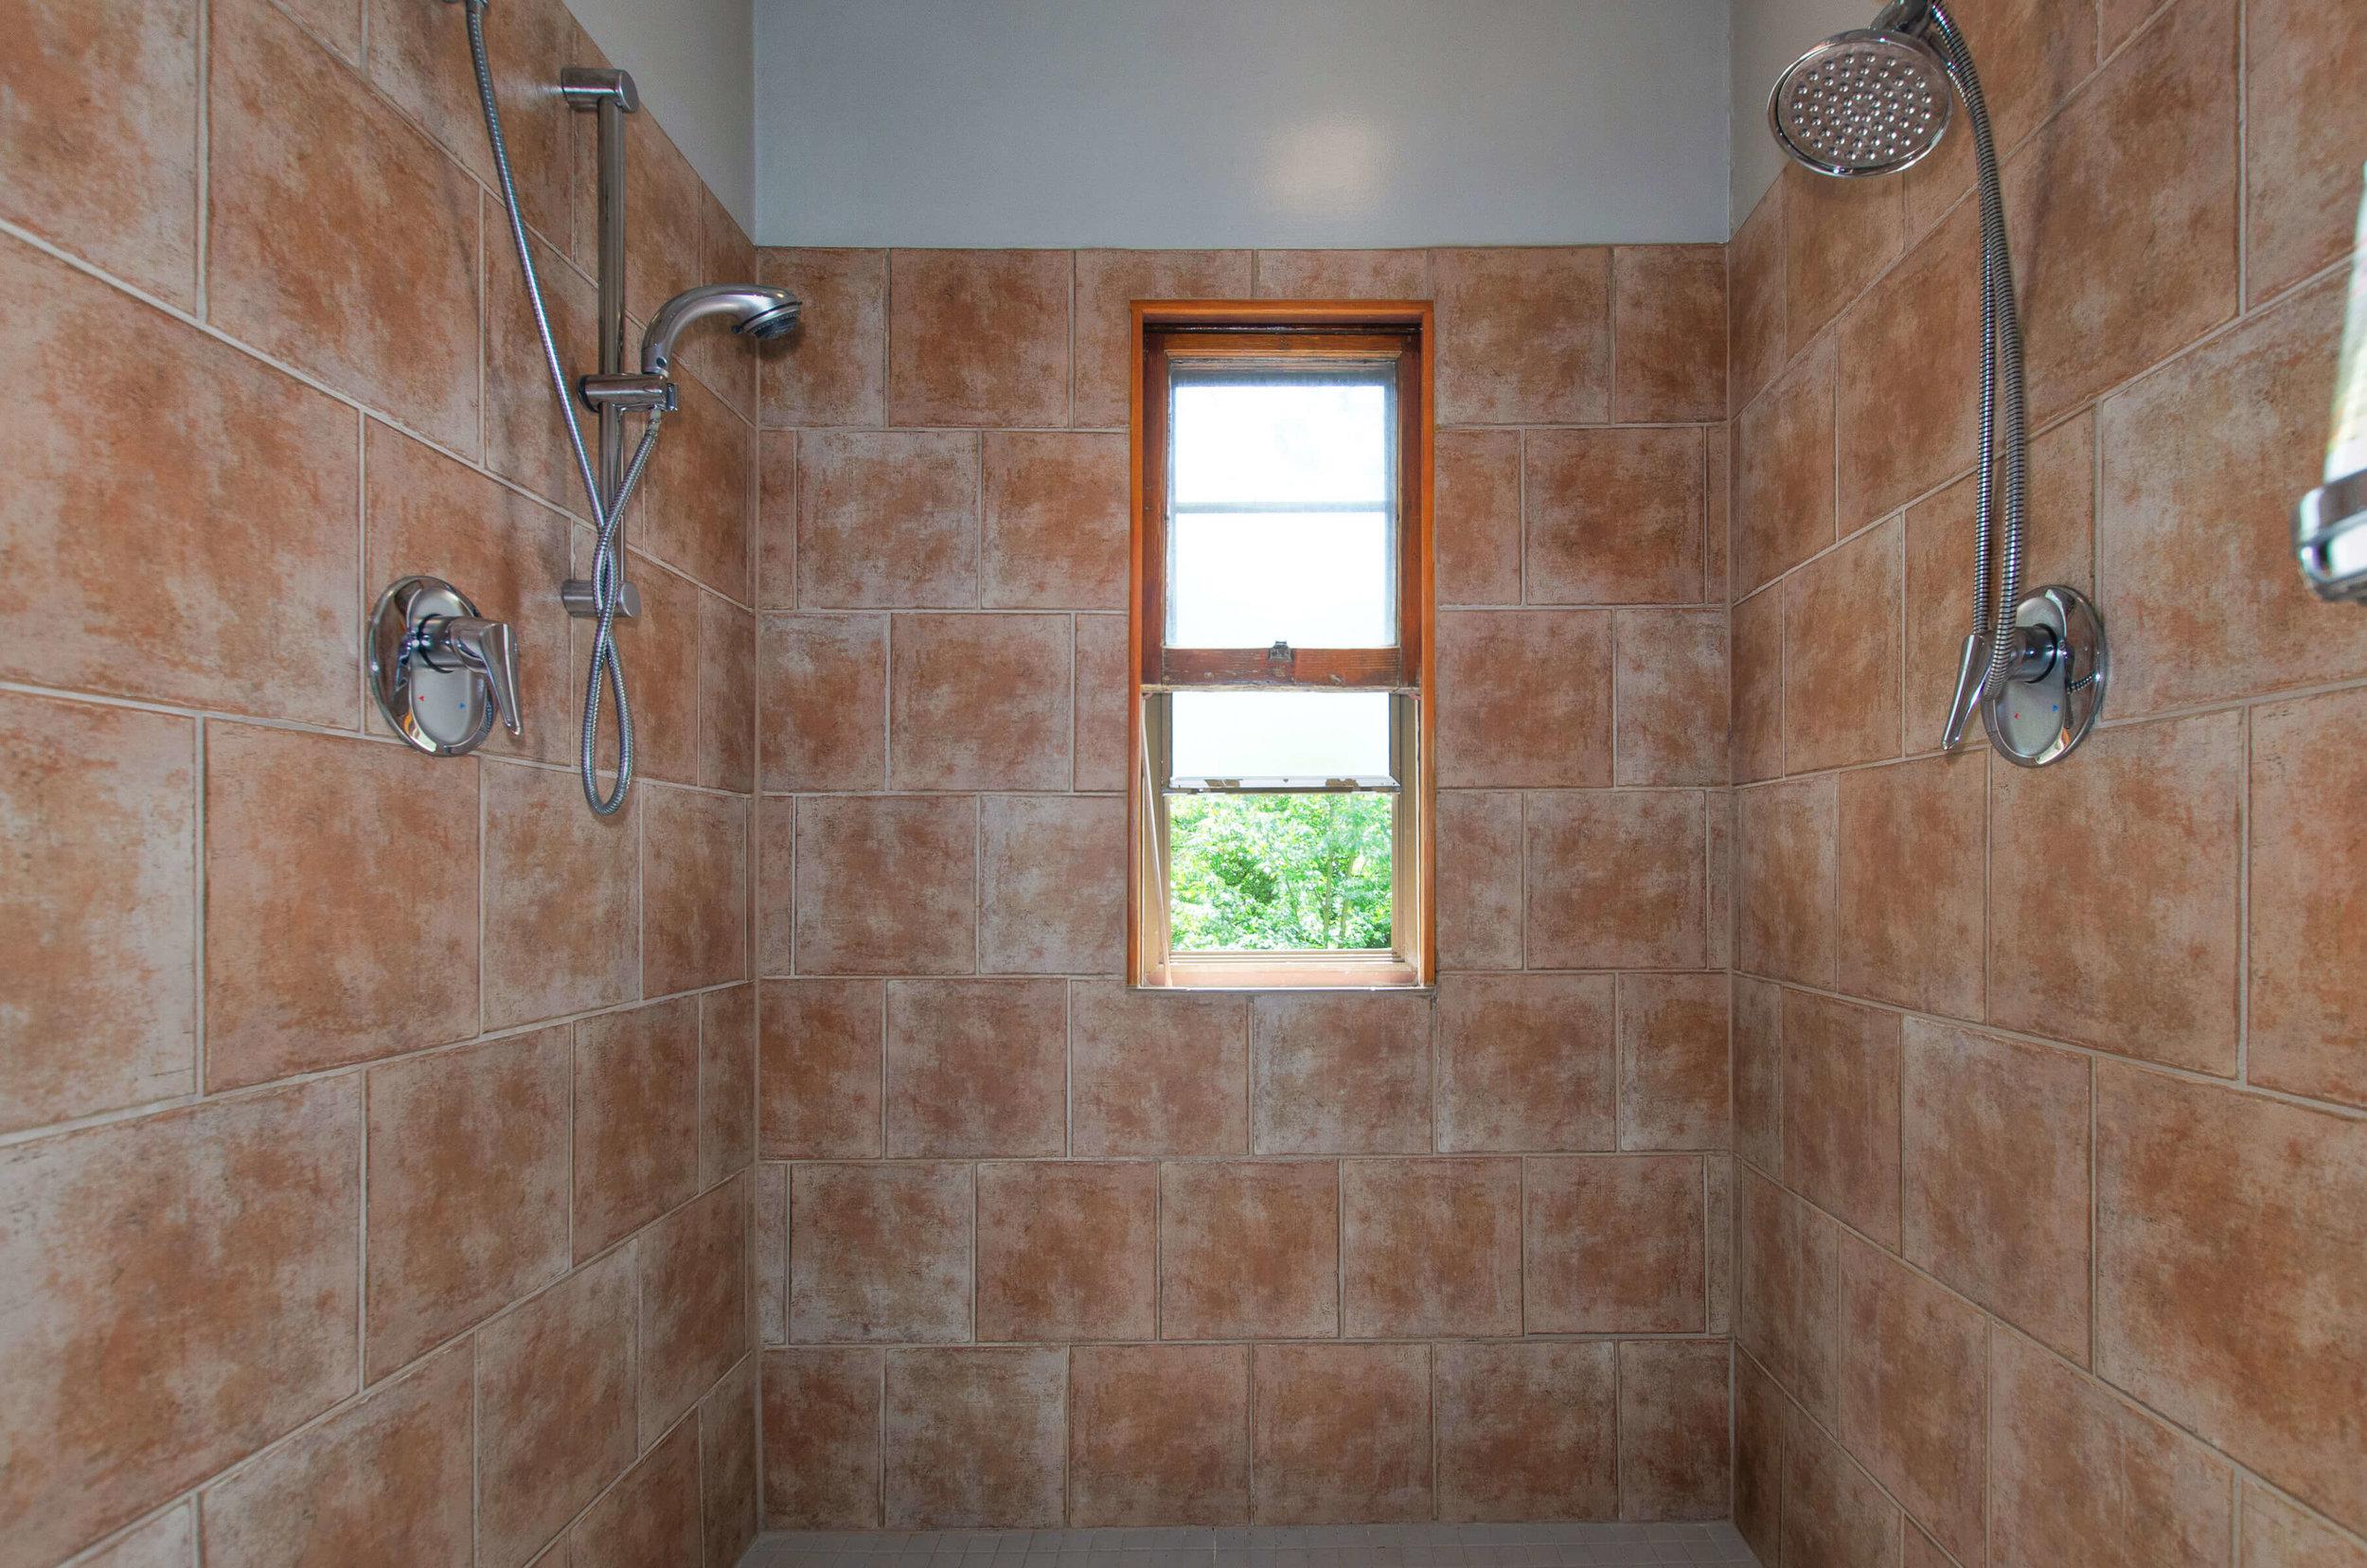 030_Tiled Double-Head Shower.jpg